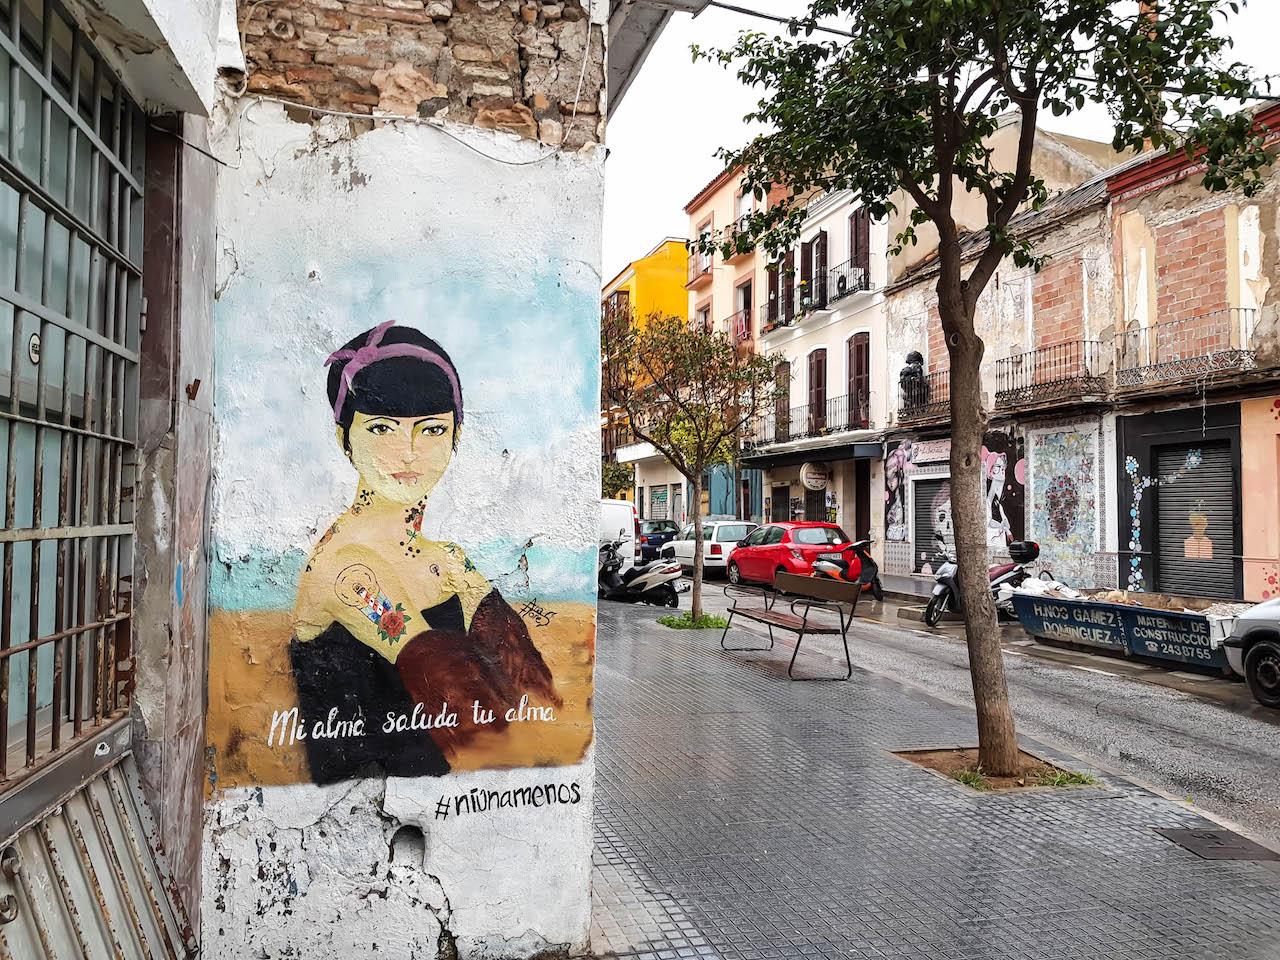 Streetart in Malaga